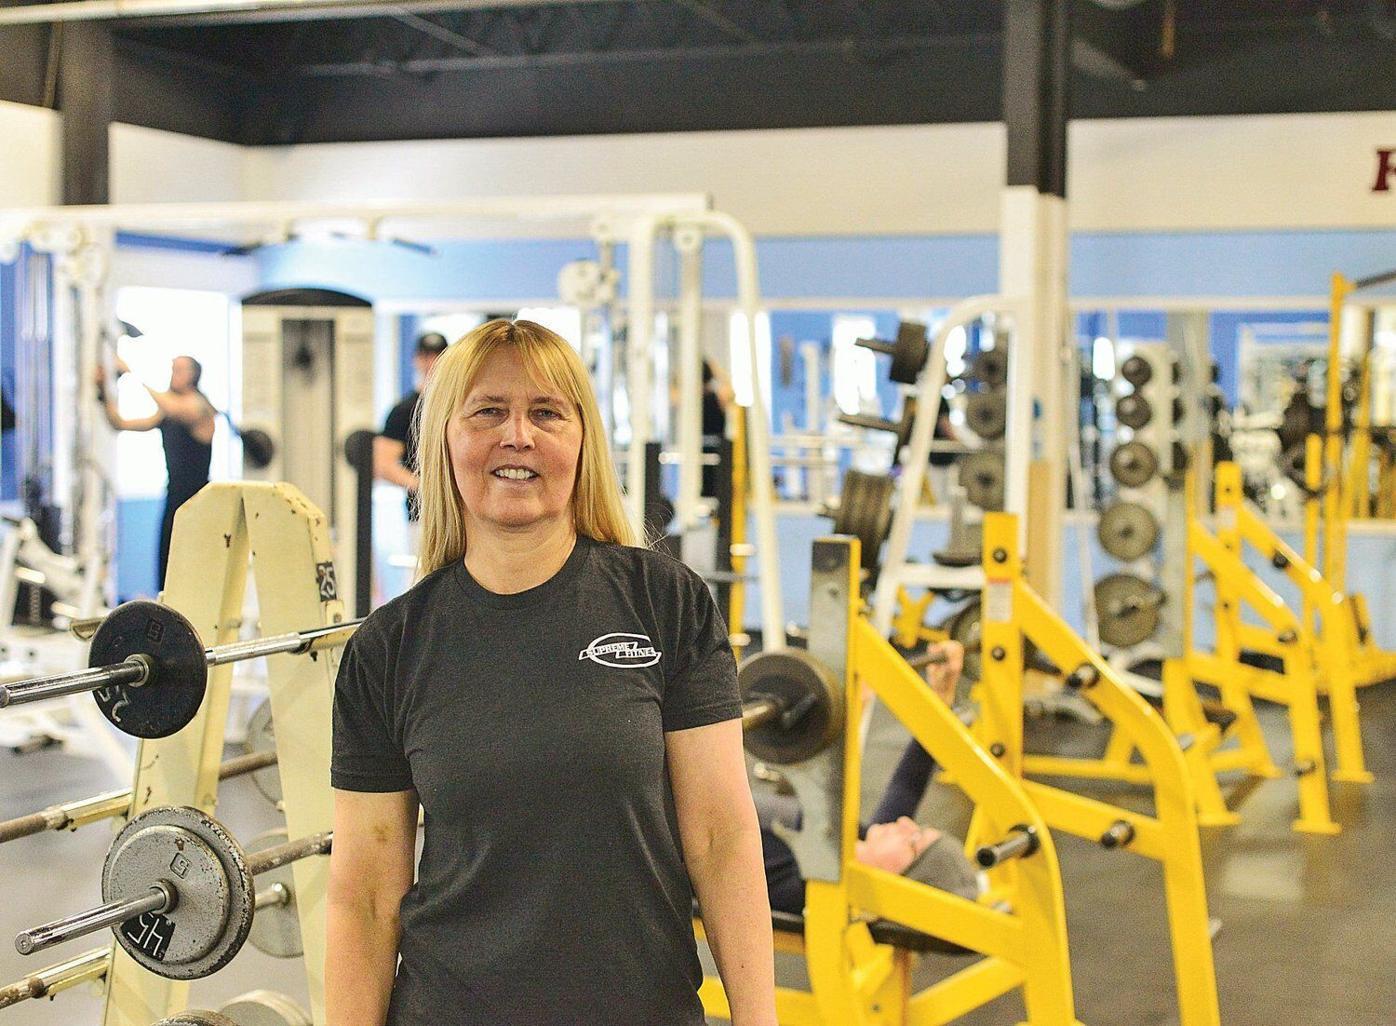 Gym Flexes Muscles To Rebuild Membership Local News Reformer Com